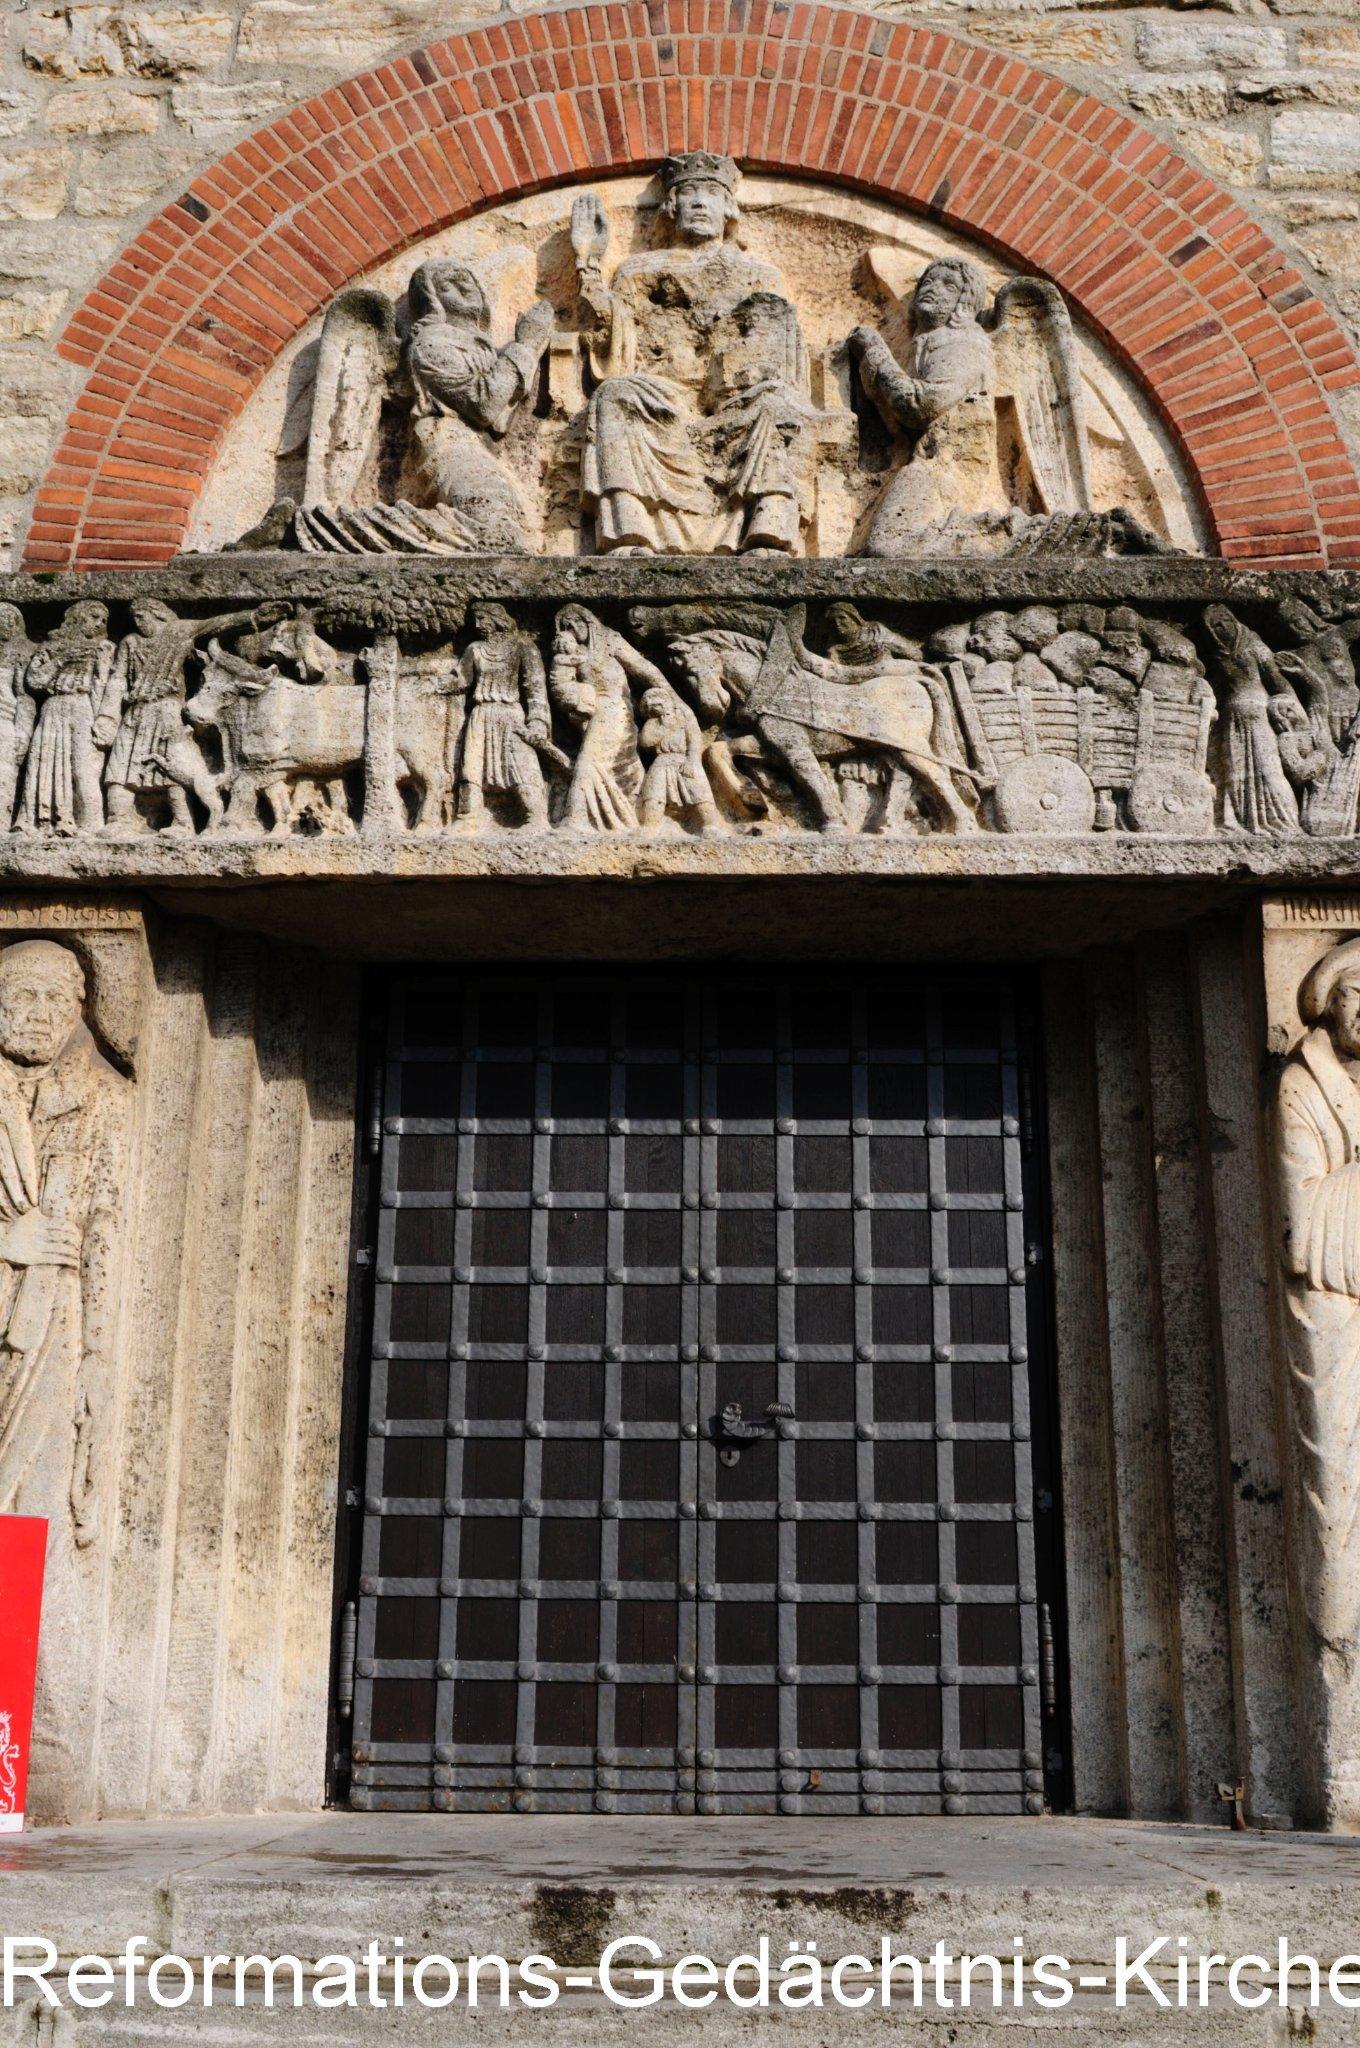 20120422 Reformations Gedaechtniskirche 01